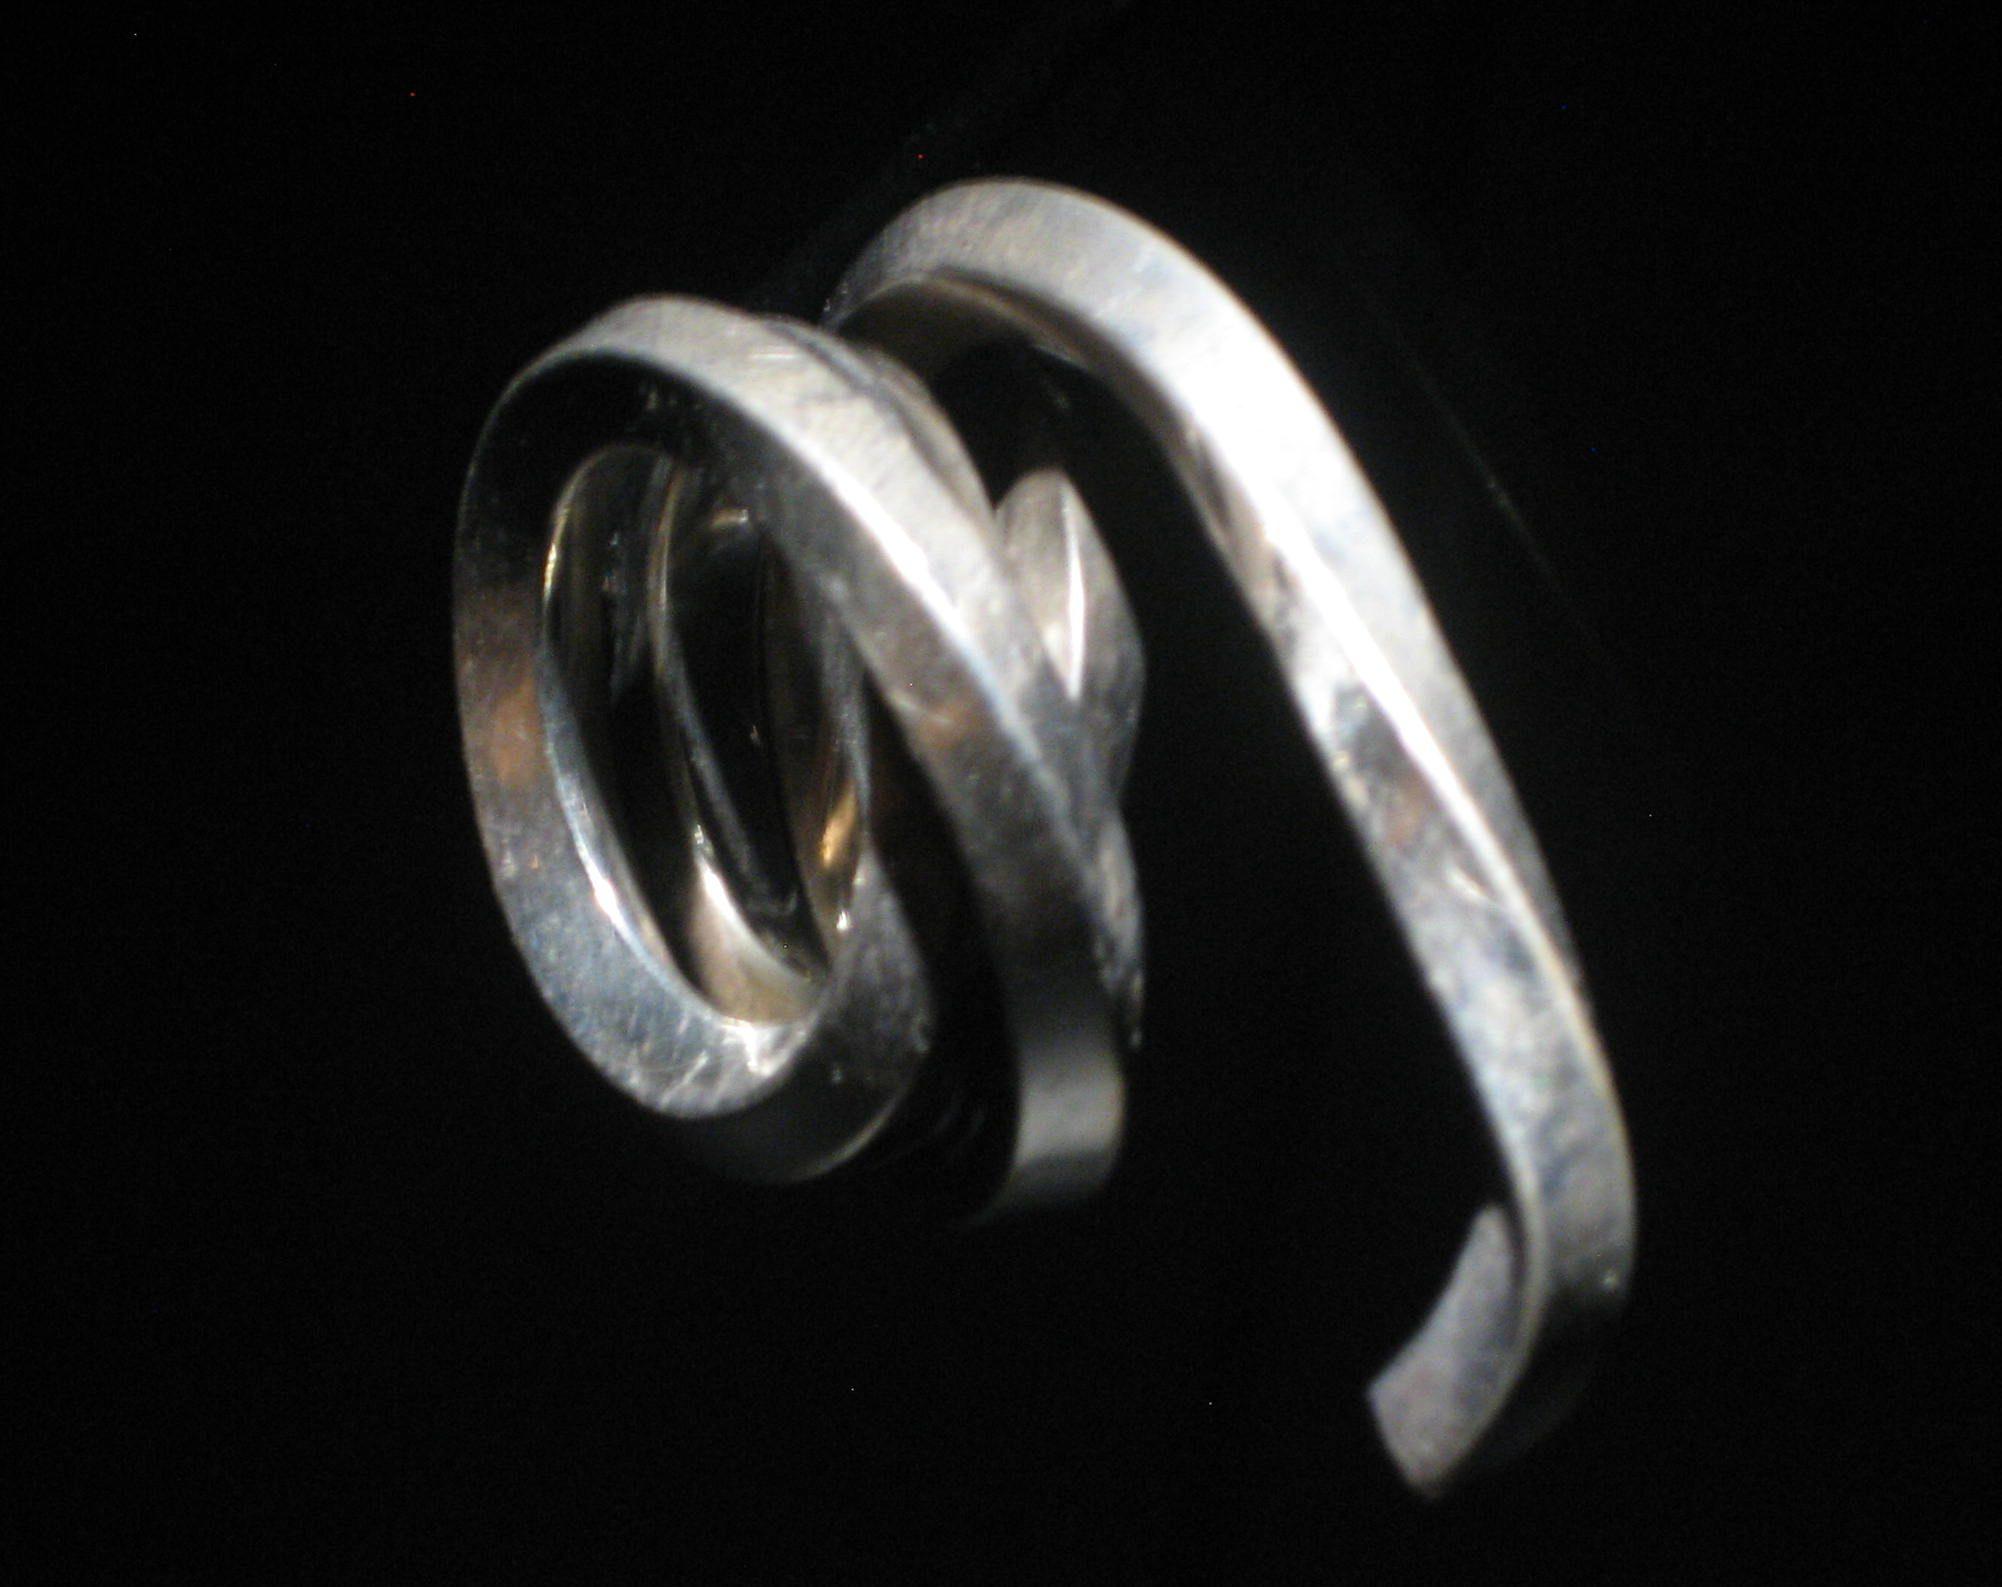 Bernar Venet, Ligne indéterminée, ring, 1985. Collectie Diane Venet. Foto Esther Doornbusch, juni 2018, CC BY 4.0